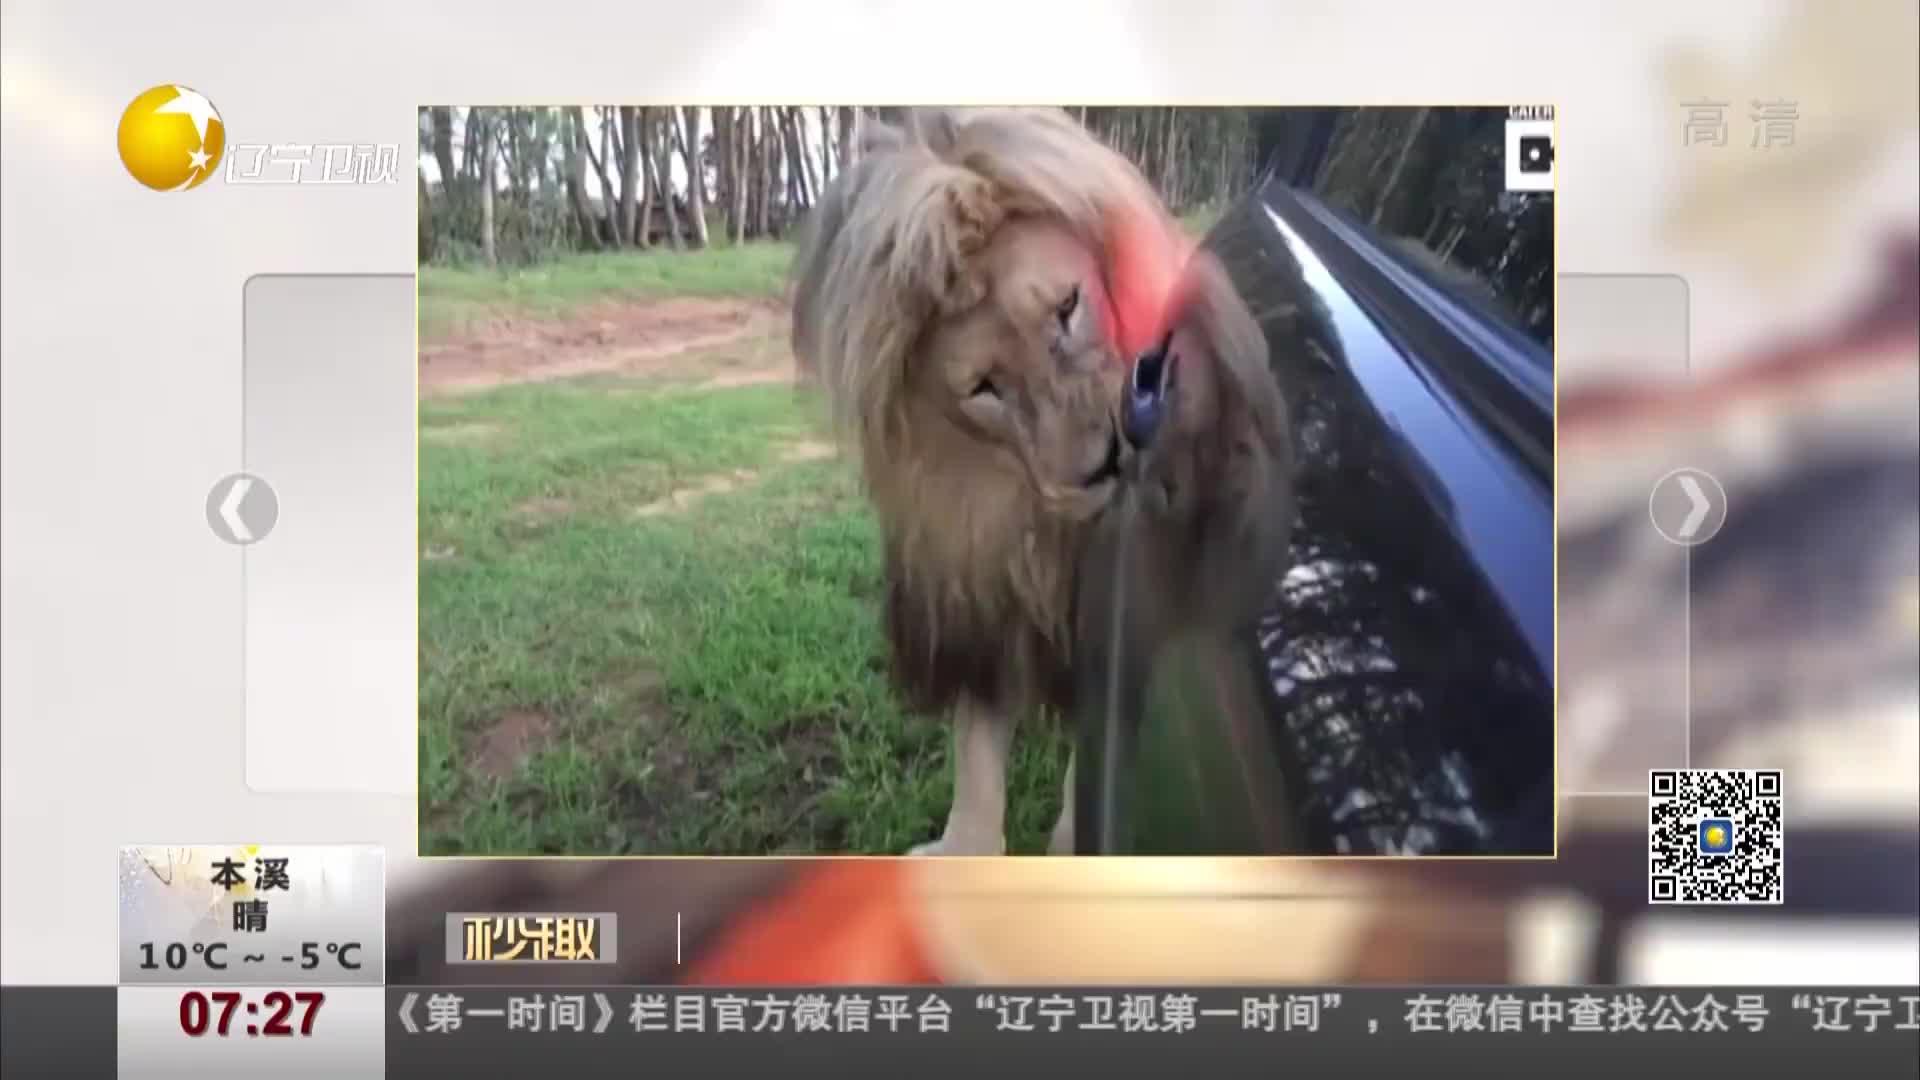 [视频]这就是爱!南非一狮子对路过汽车大胆表达爱意